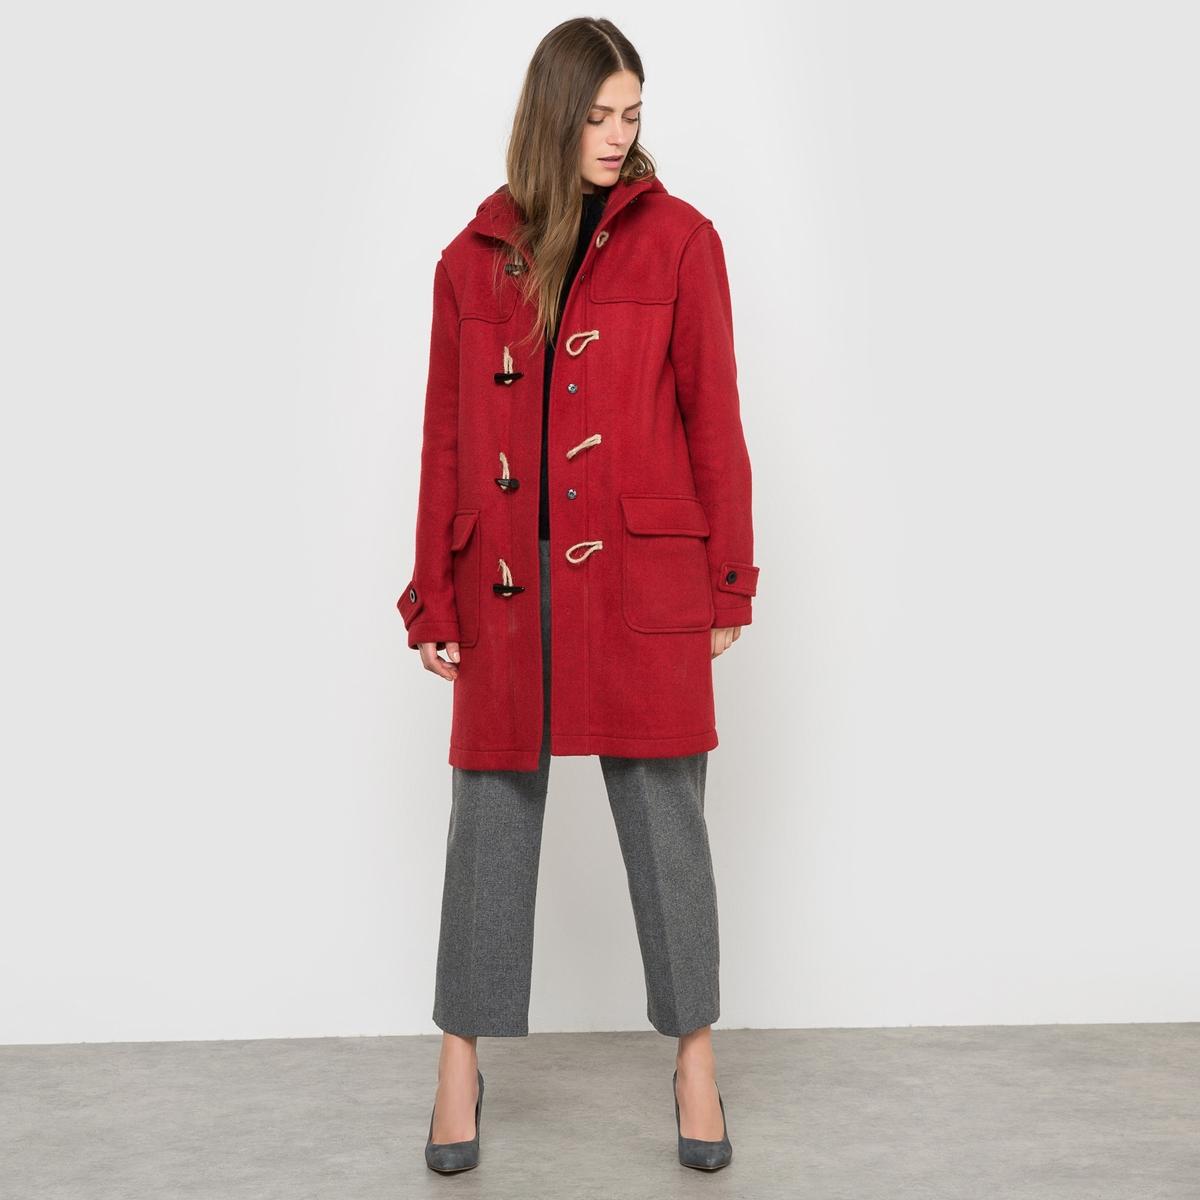 Пальто короткое с капюшономСостав и описаниеМатериал 45% акрила, 25% шерсти, 25% полиэстера, 5% другие материалыДлина 91 смМарка COLLECTOR  УходСухая чистка - Не отбеливать - Гладить на низкой температуре -Барабанная сушка запрещена.<br><br>Цвет: красный